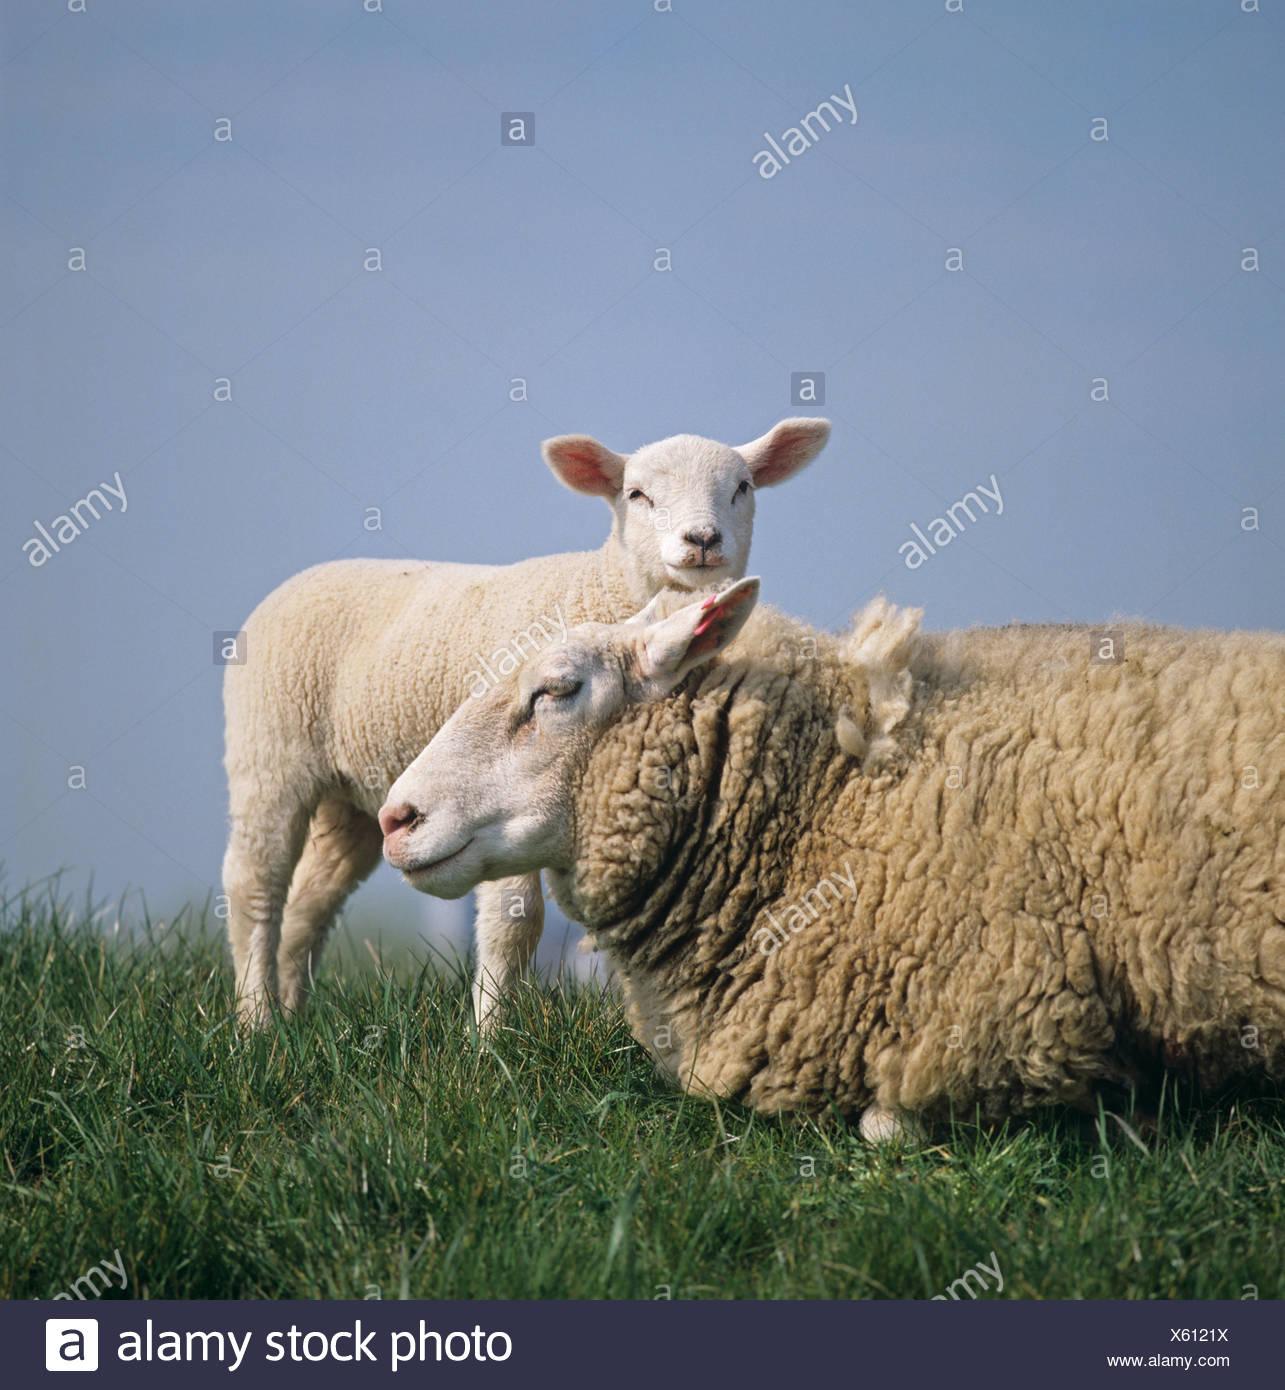 Brebis Texel X et l'agneau (face caméra) sur canal bank aux Pays-Bas Banque D'Images